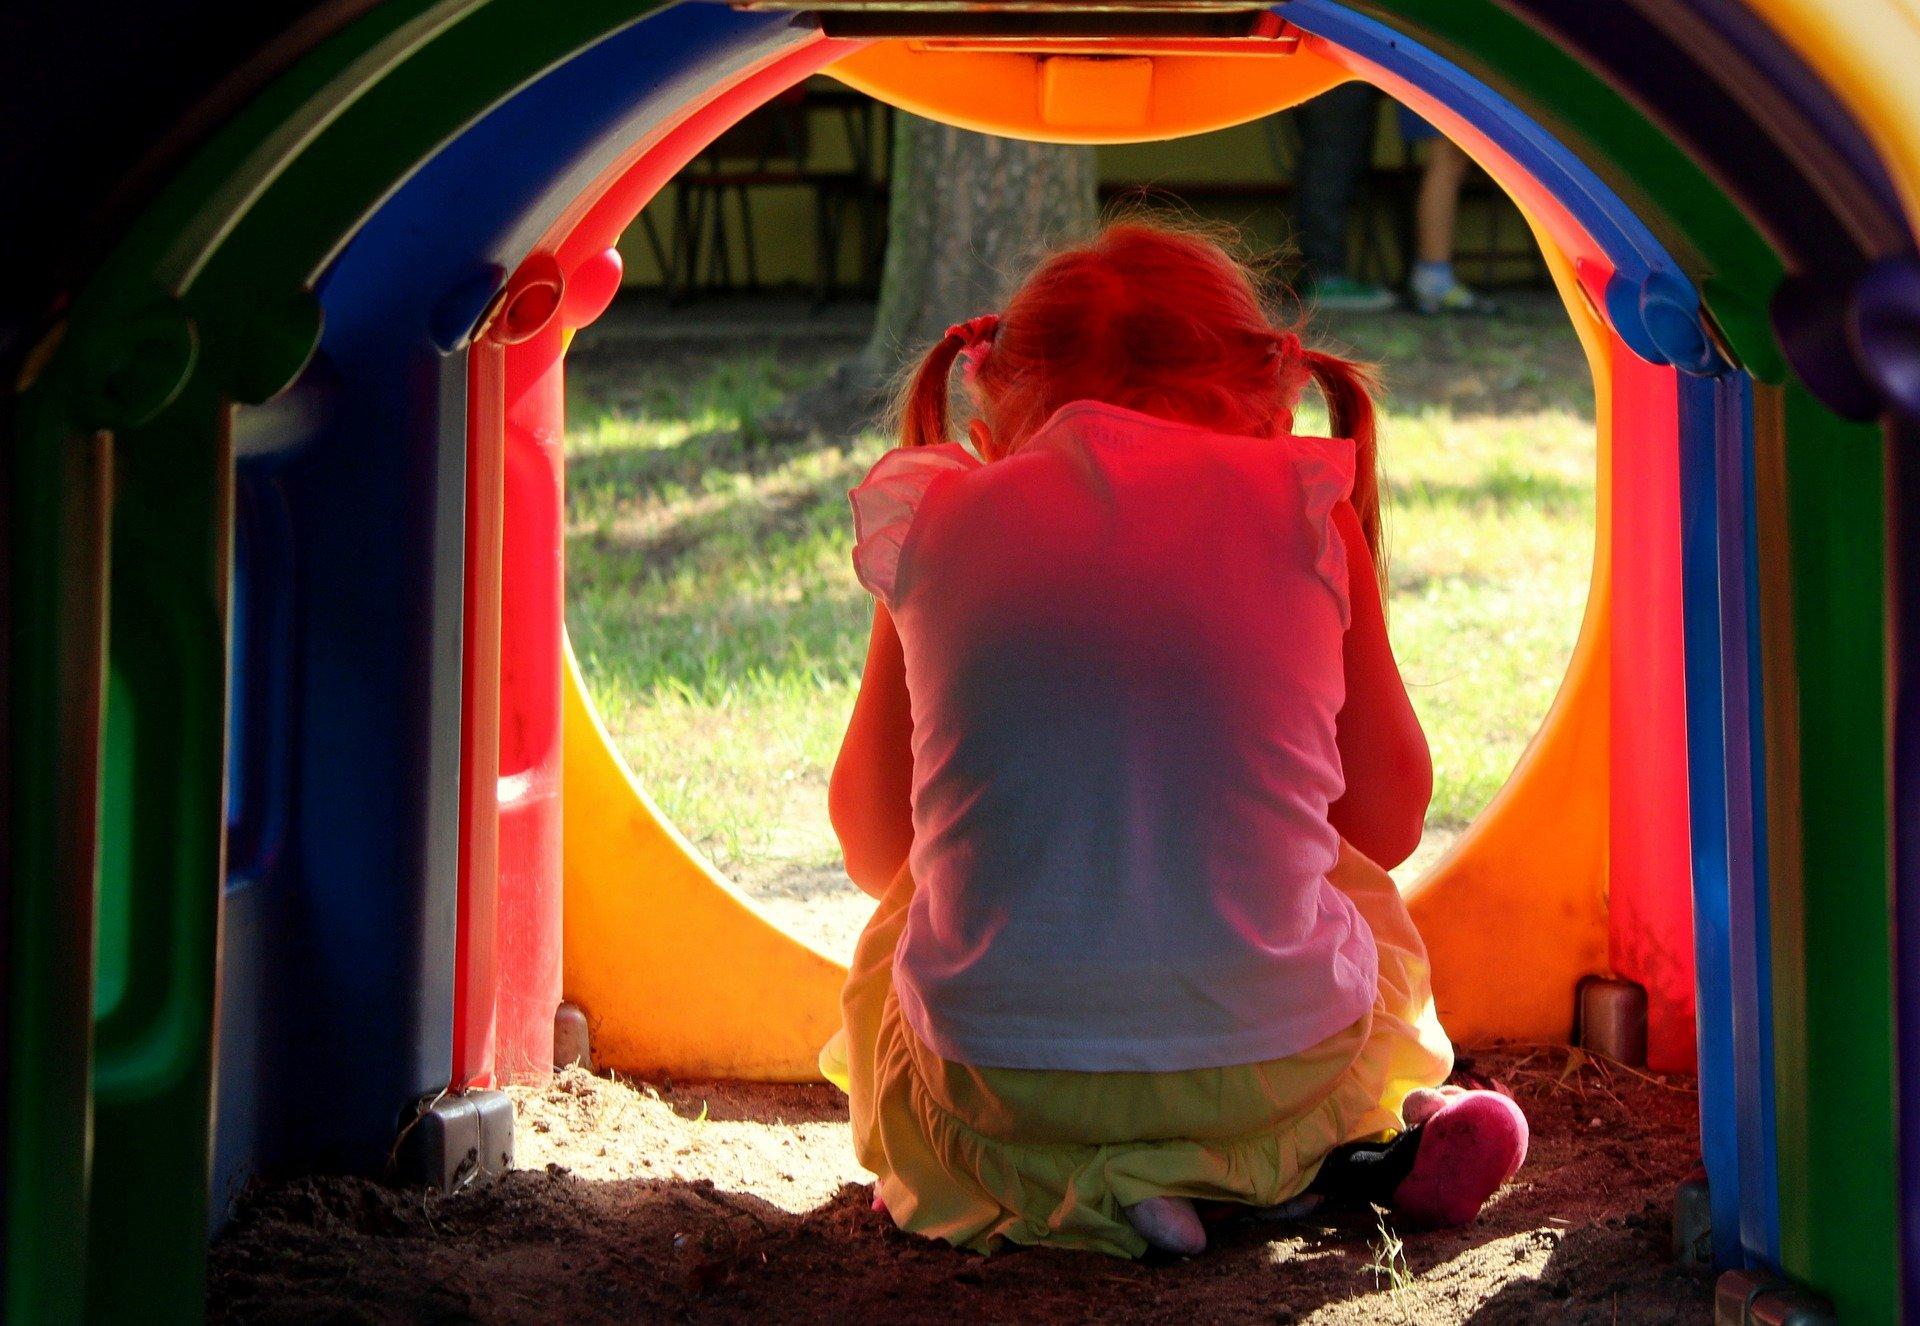 una bambina di spalle seduta dentro uno scivolo chiuso